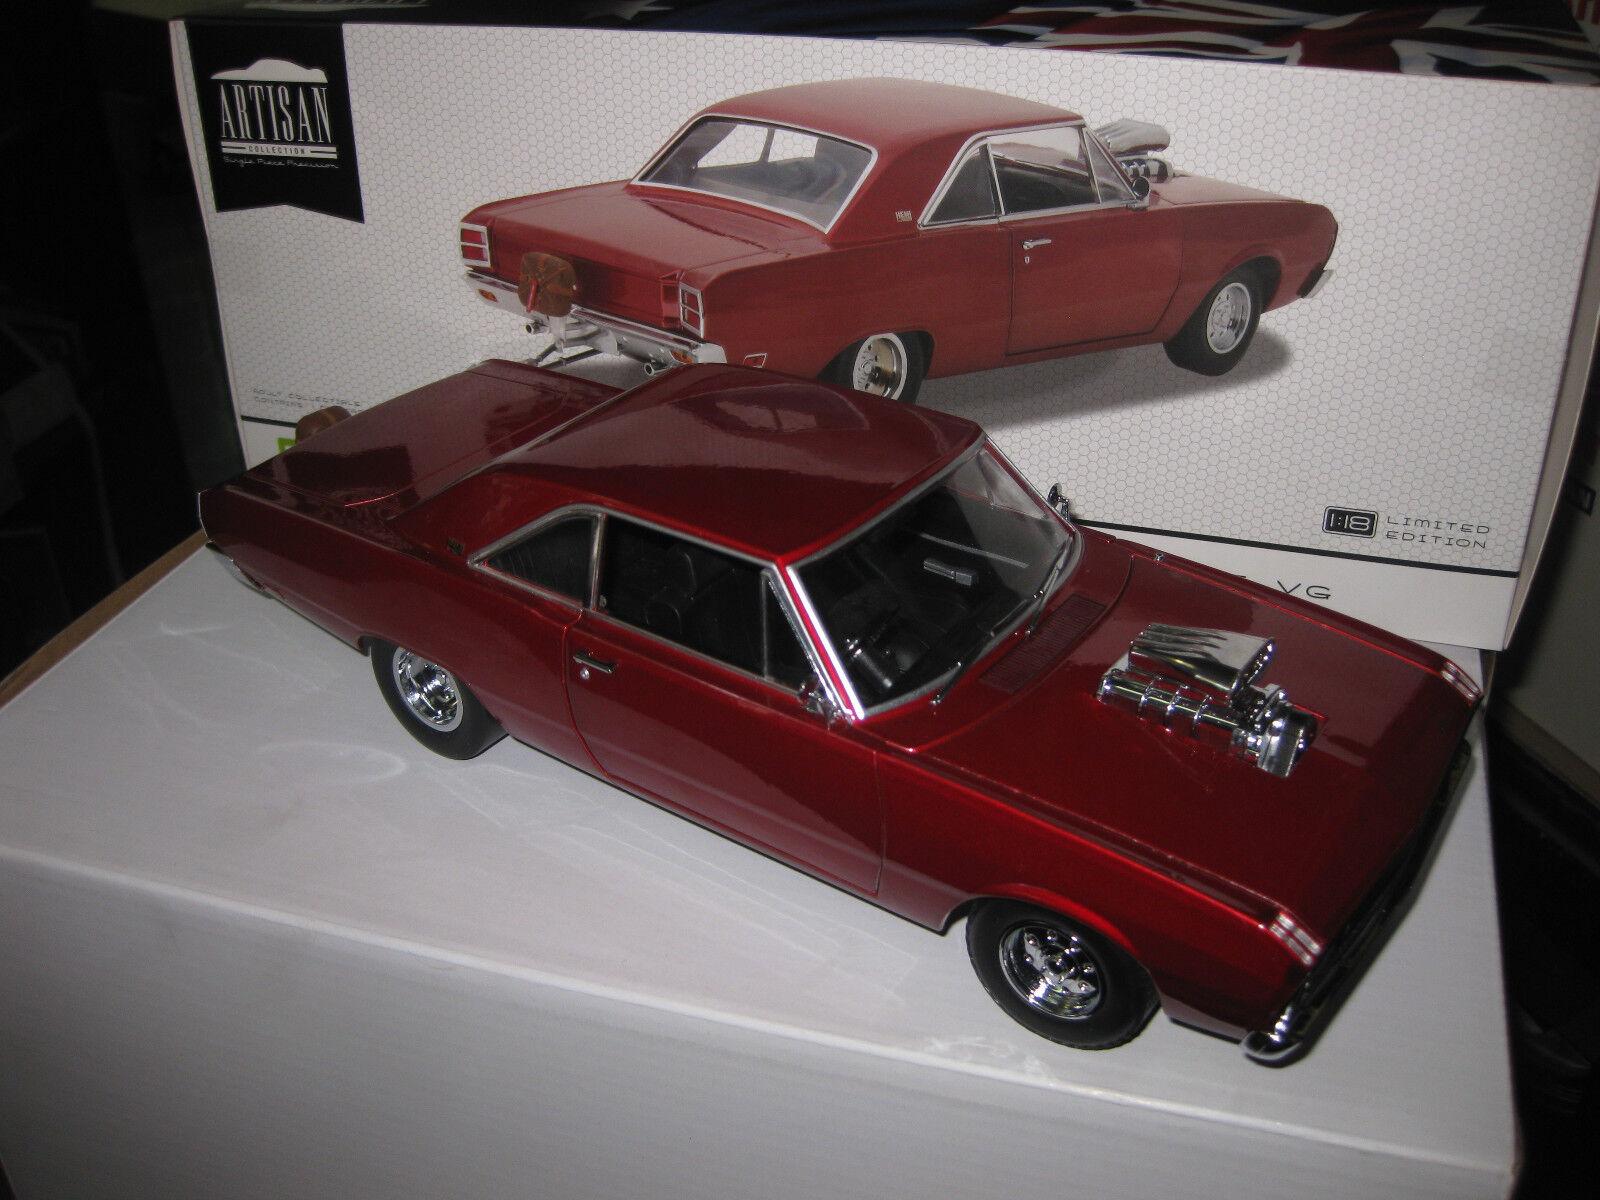 1/18 verdeLIGHT DDA 1970 CHRYSLER VALIANT VG PACER  HEMI DRAG CAR rosso LTD ED